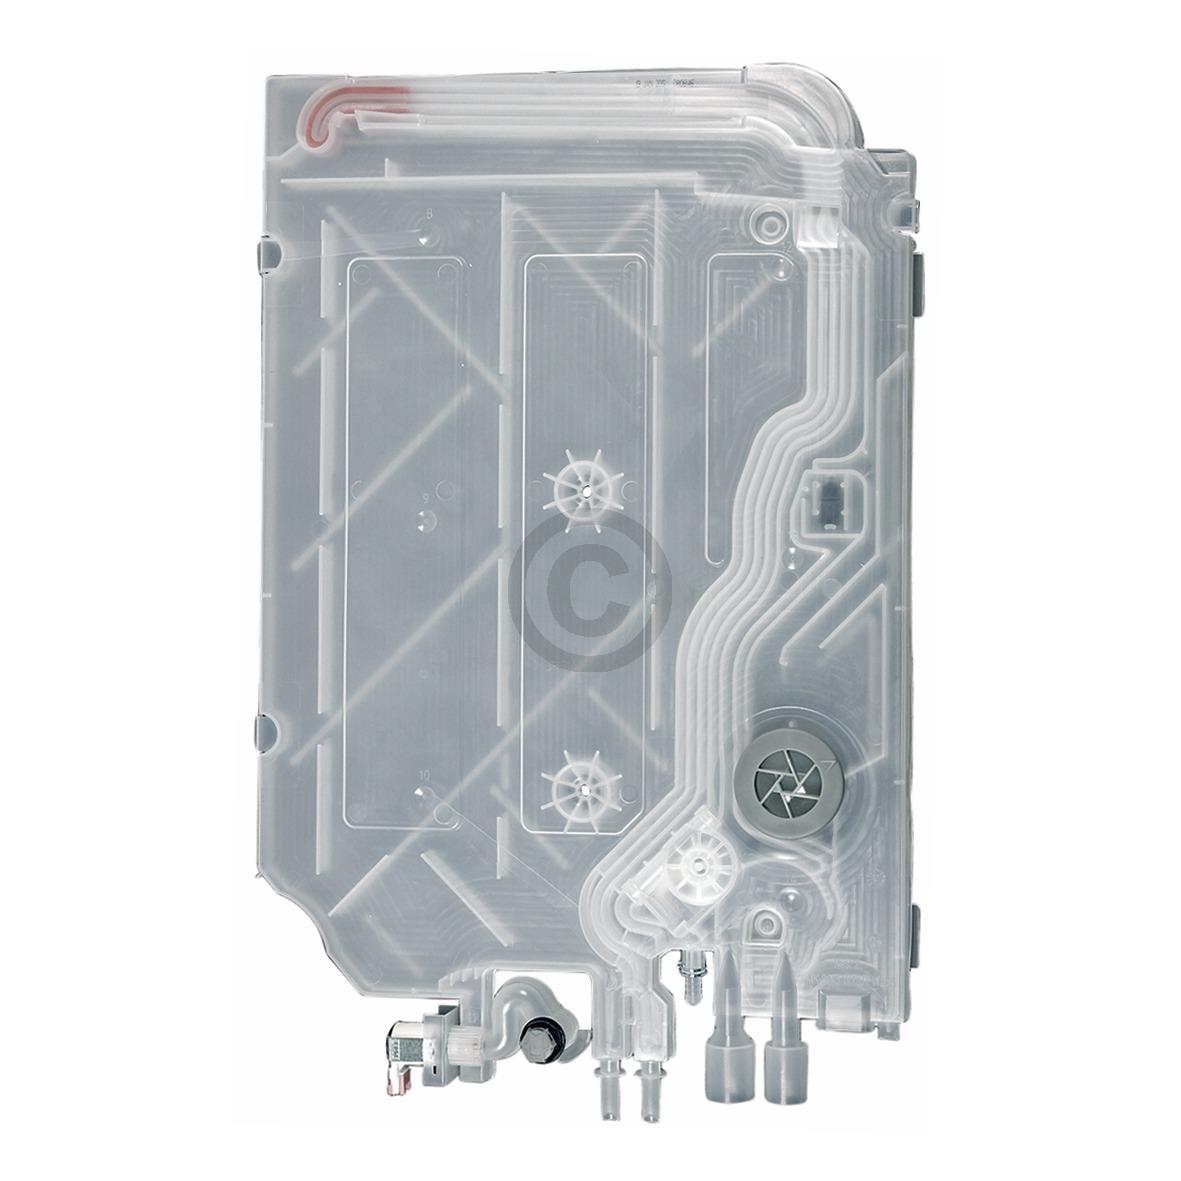 Wassertasche Siemens 00687133 Regenerierdosierung für Geschirrspüler 00623541